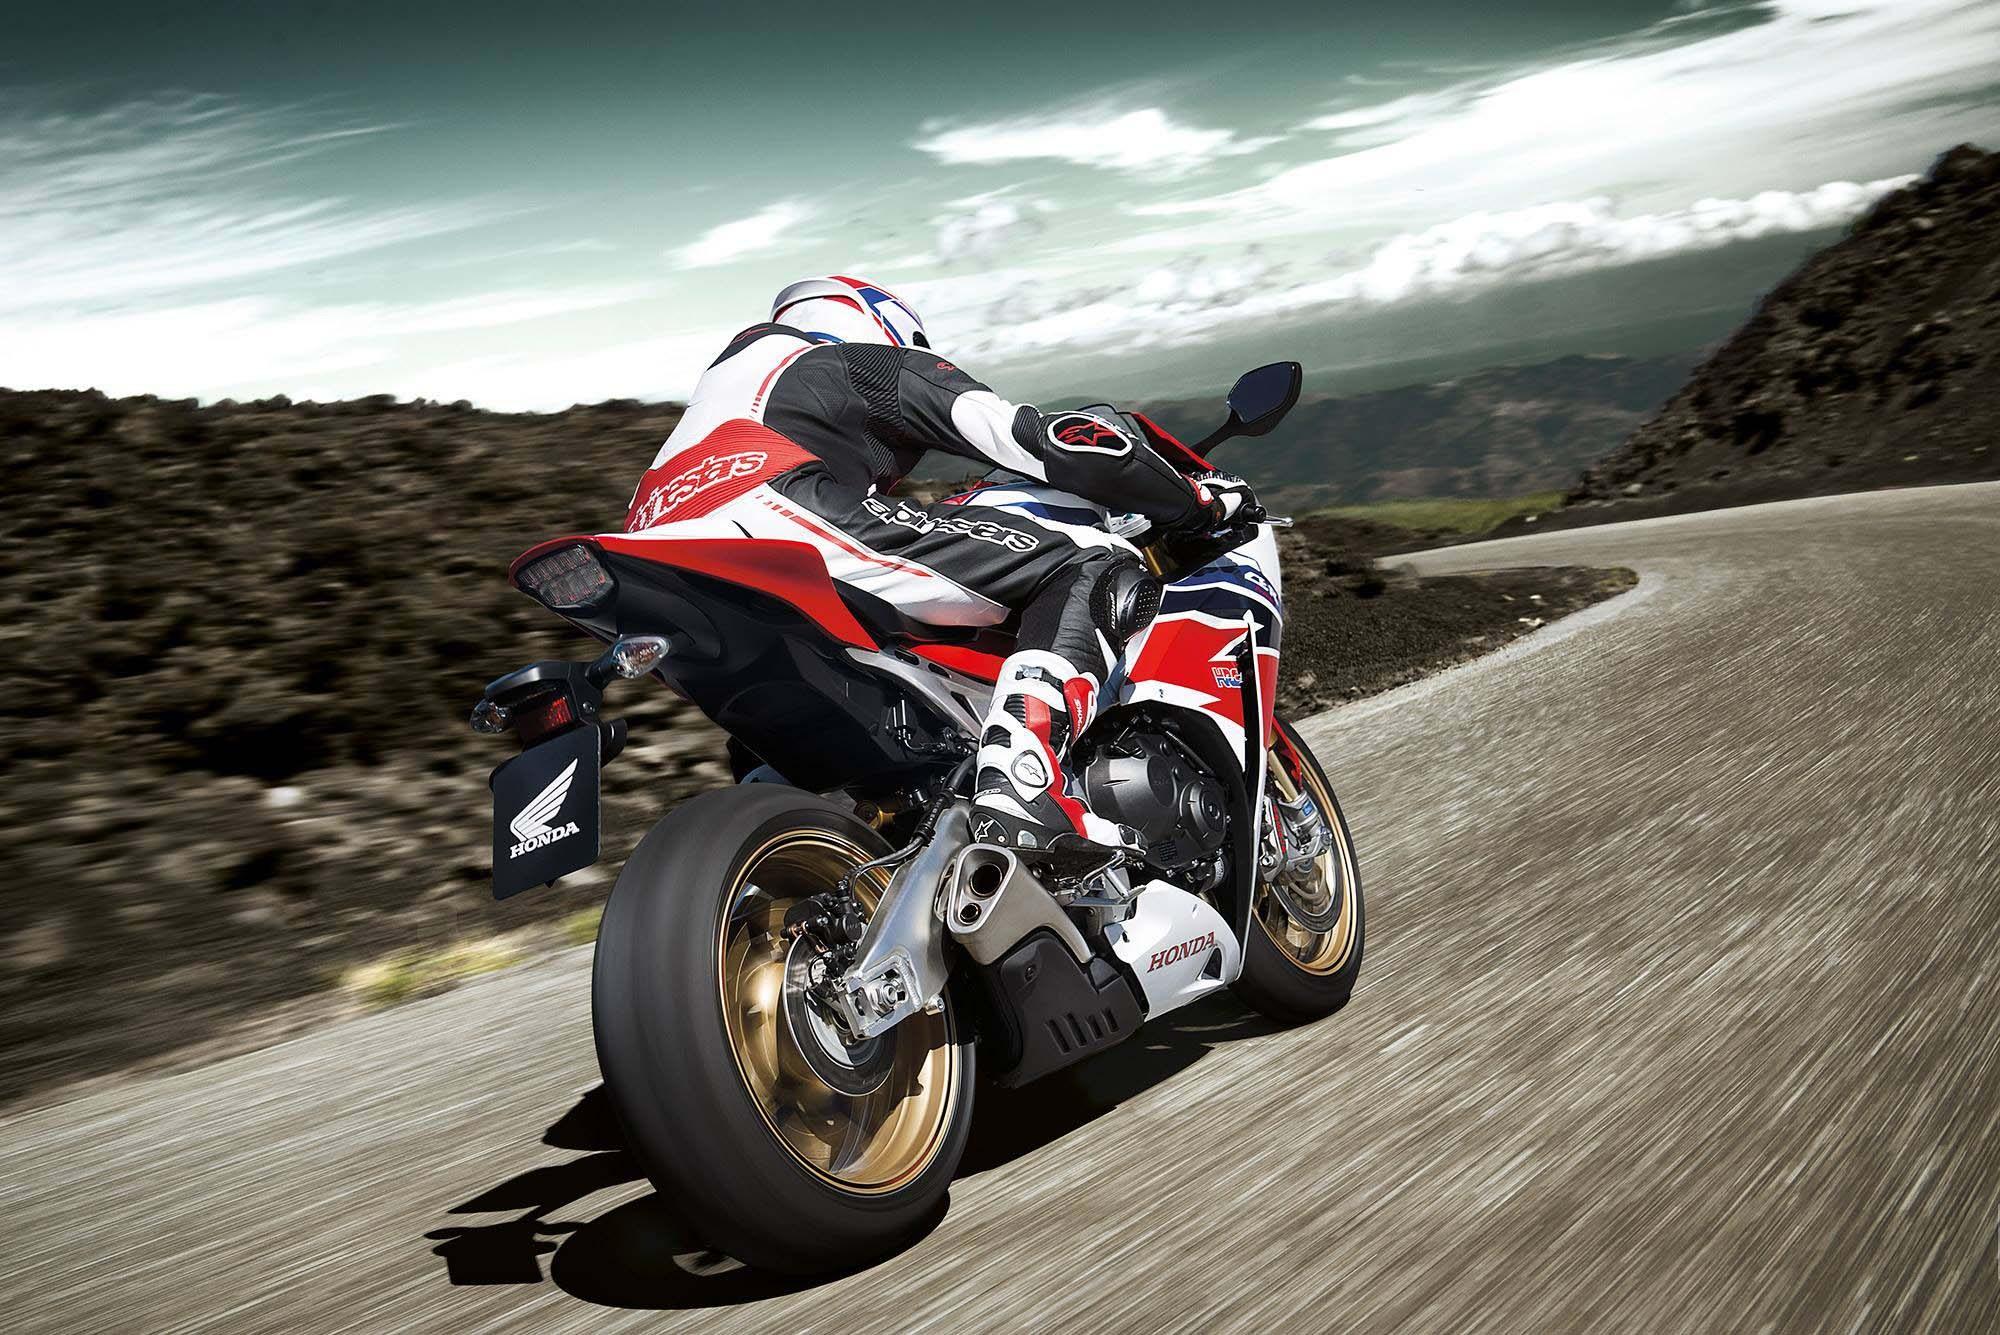 2014-Honda-CBR1000RR-SP-13.jpg